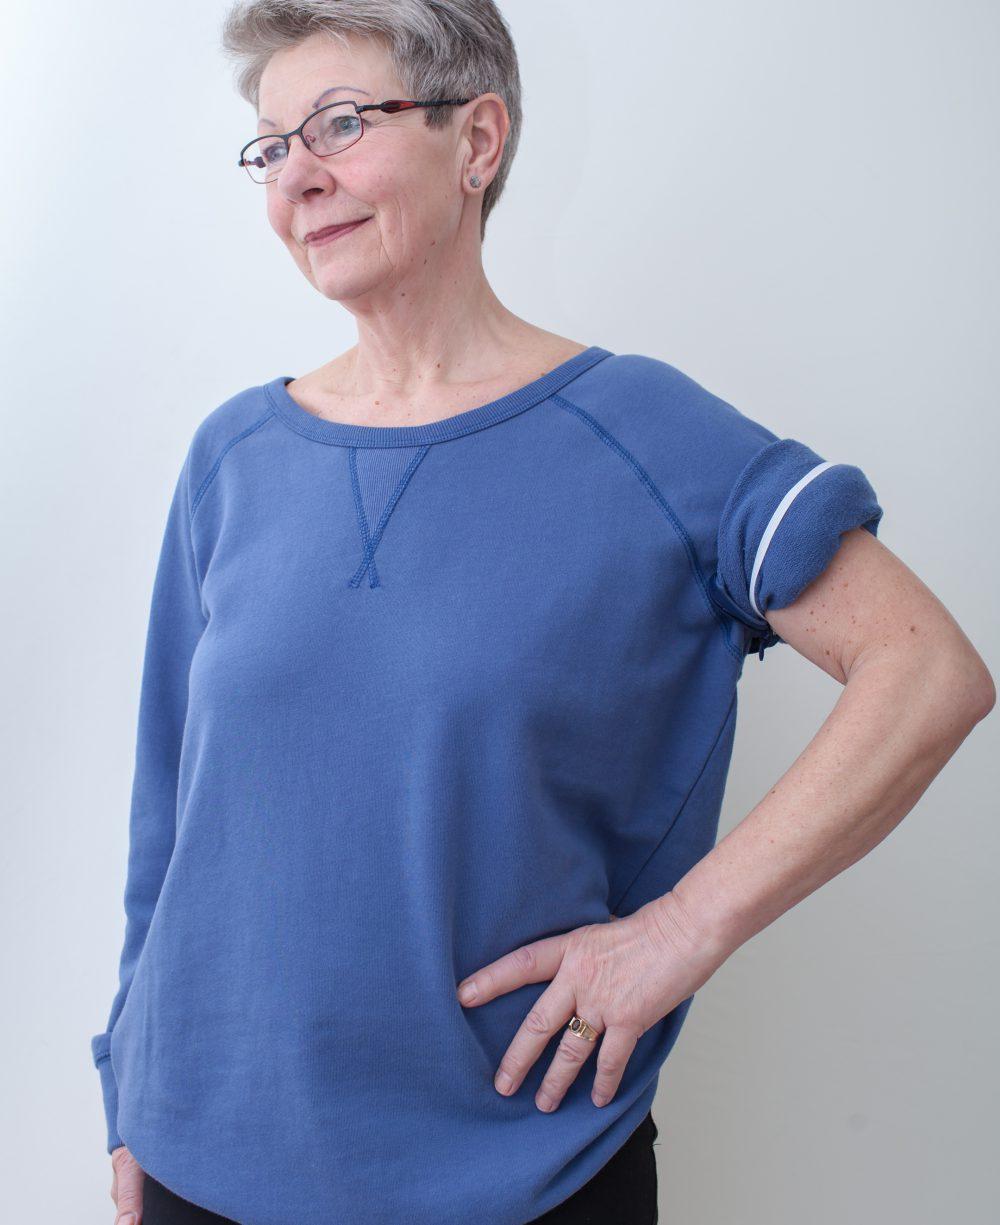 blau-damen-pullover-für-dialysepatienten-mit-individuellem-reißverschluss-diazipp